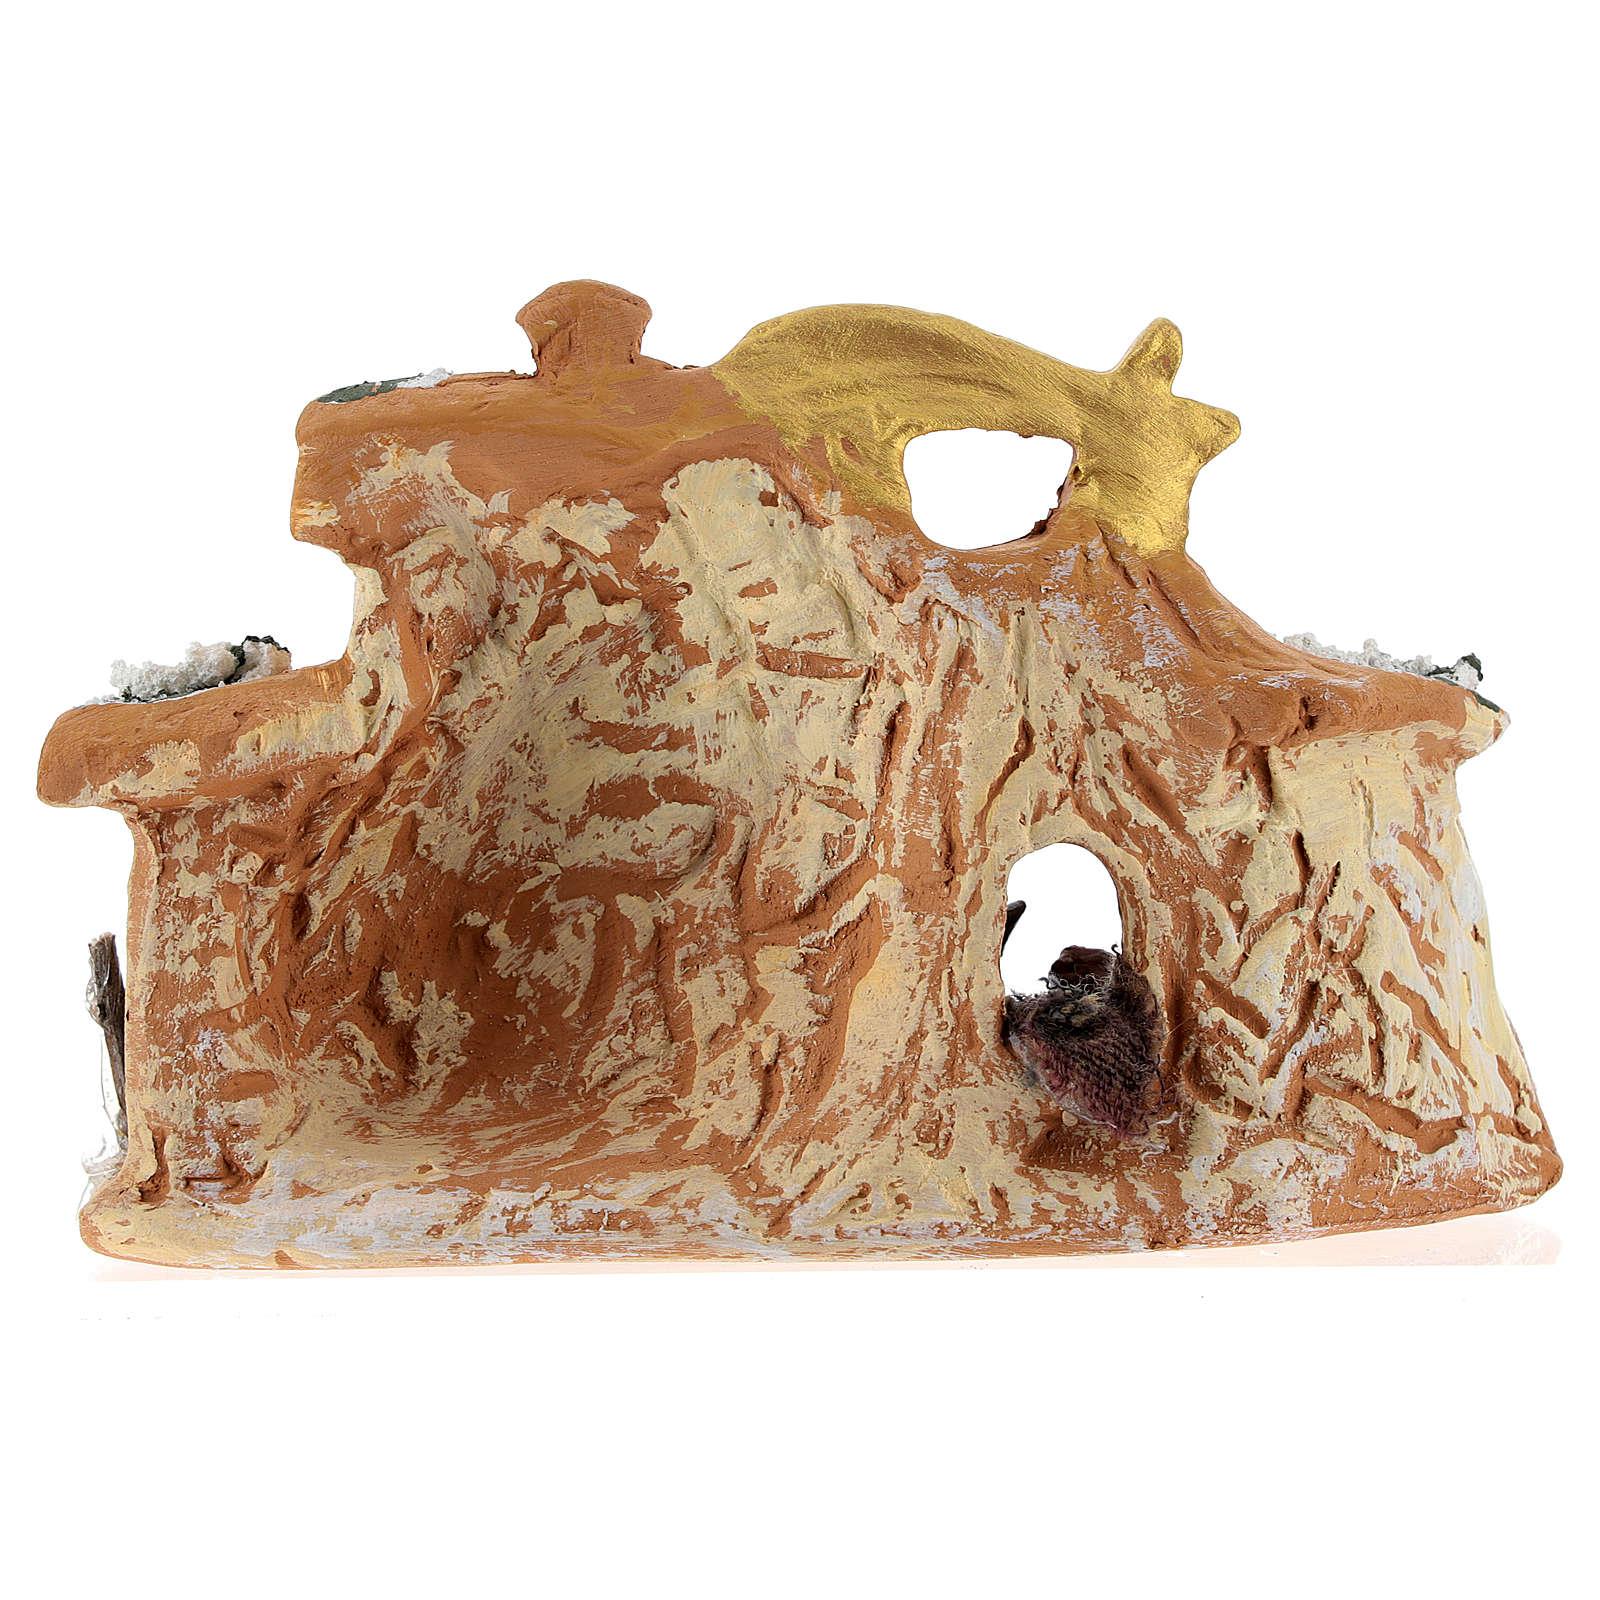 Capanna in terracotta colorata con presepe 4 cm Deruta 5 pz e cometa 4